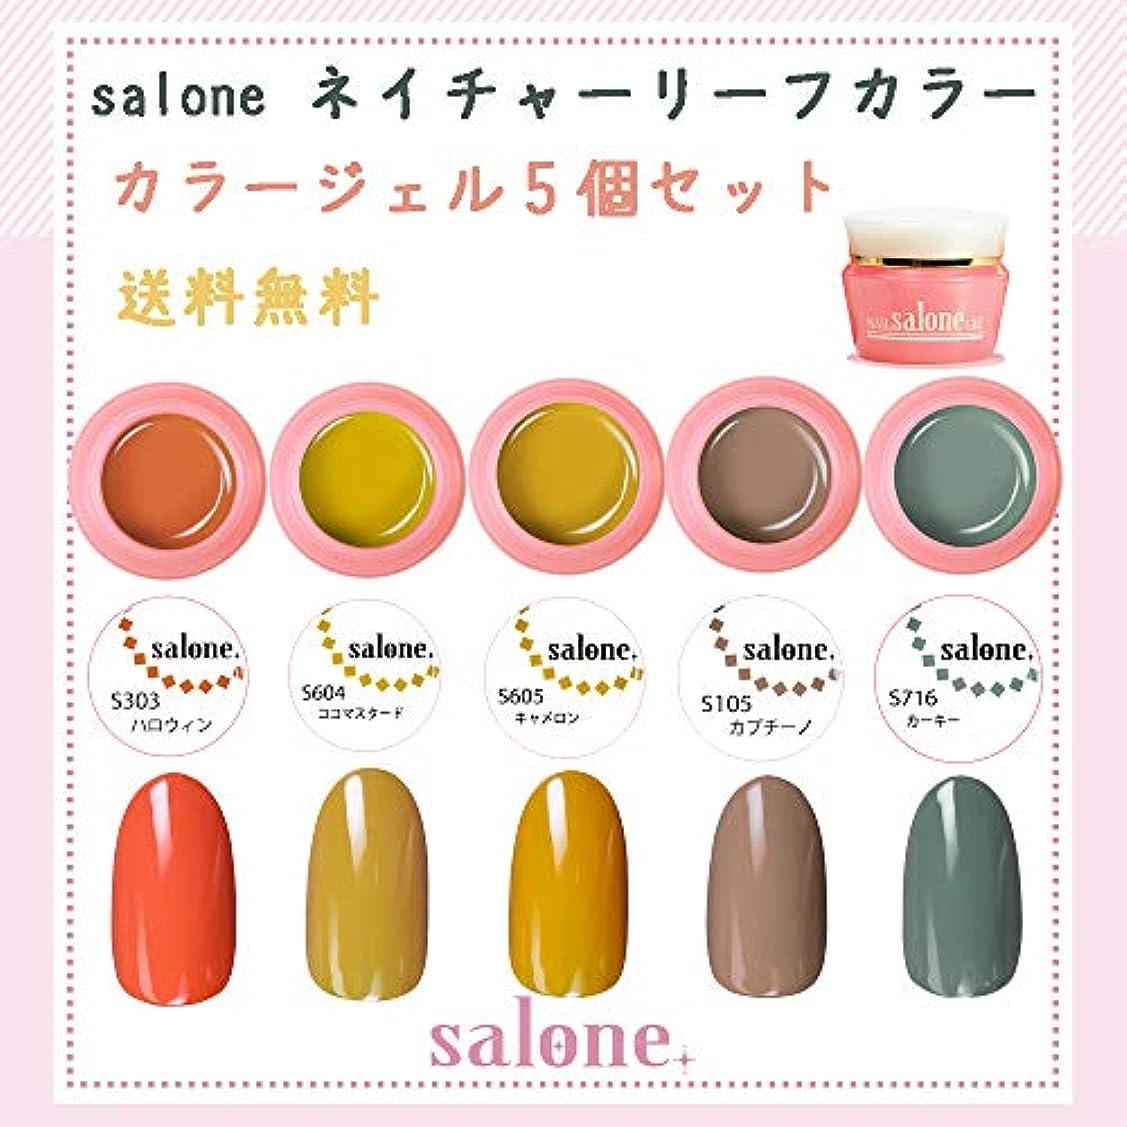 カップル危機毎日【送料無料 日本製】Salone ネイチャーリーフカラージェル5個セット ボタニカルでネイチャーなカラーをチョイス。